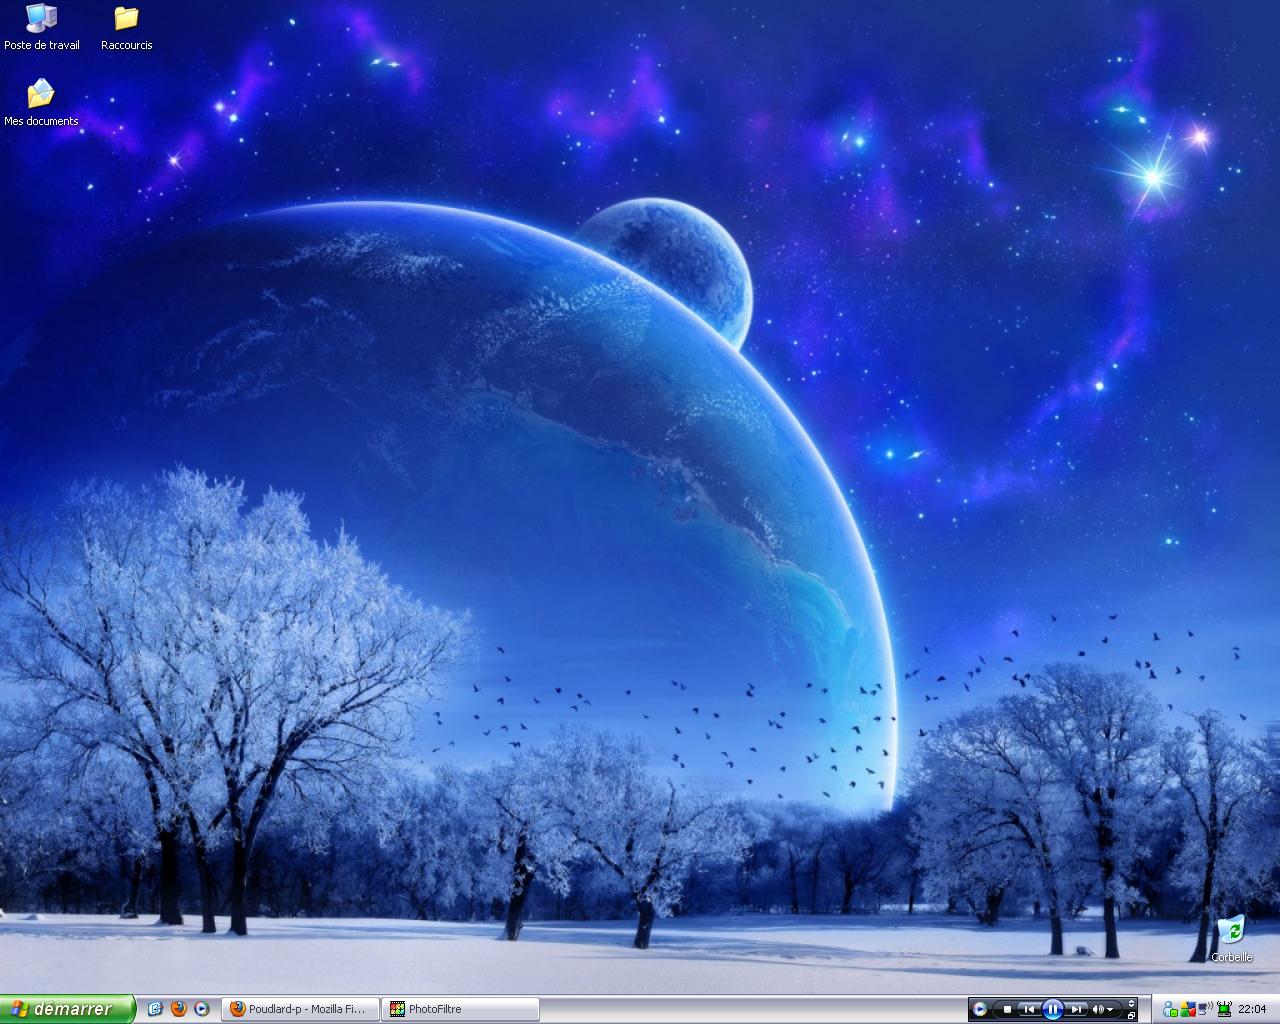 Les fonds d'écran sont les fenêtres de l'âme - Page 9 321601fe1